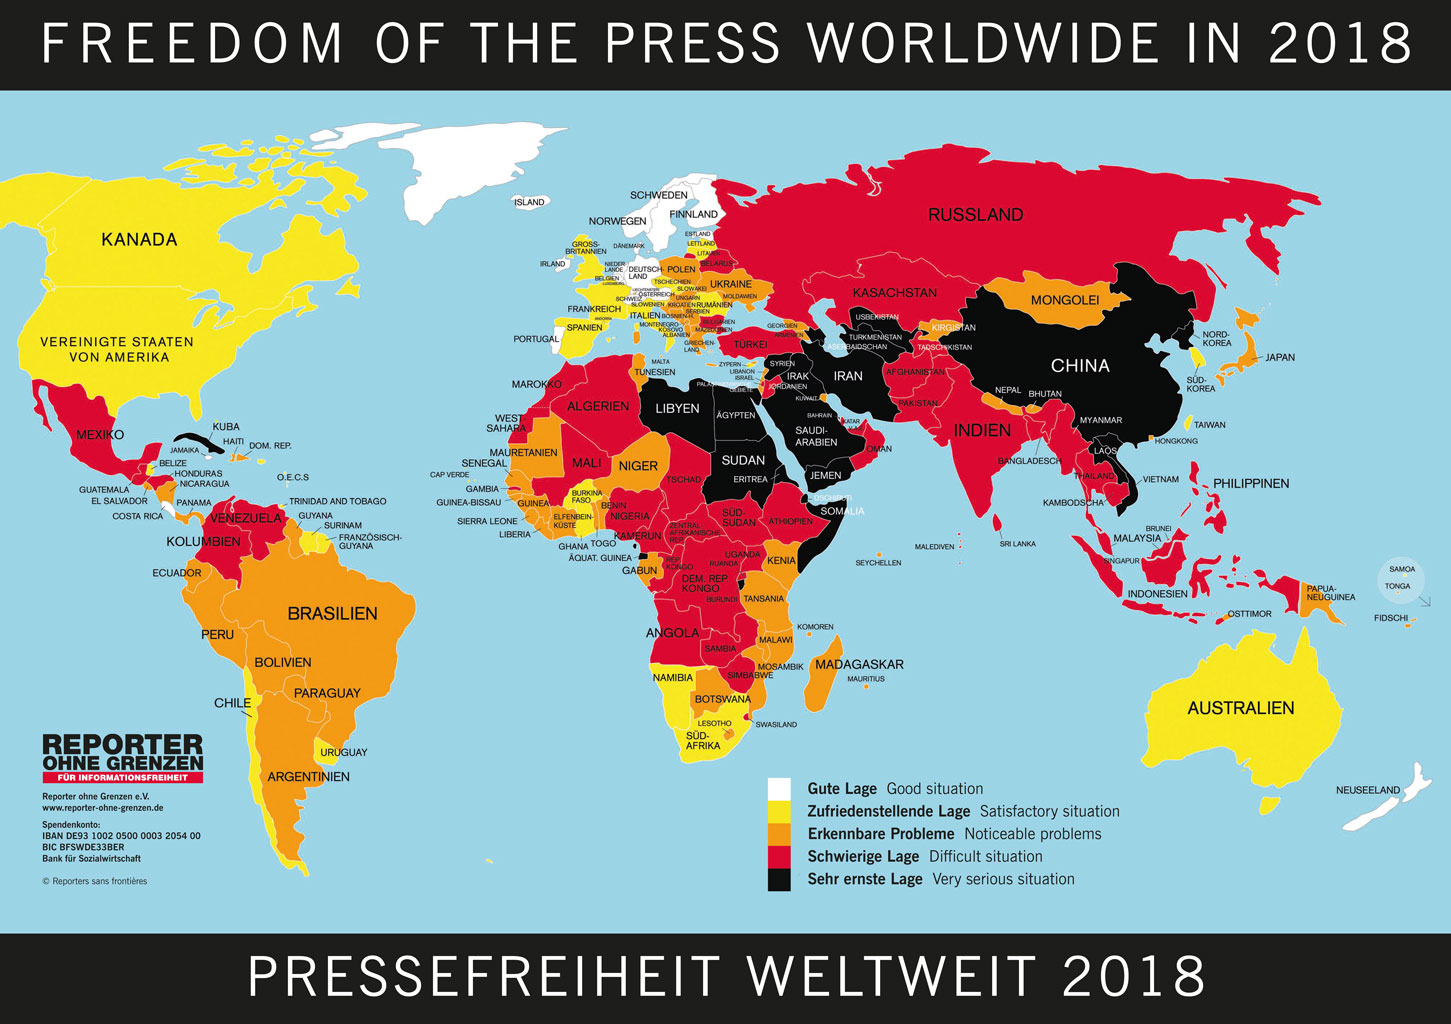 Rangliste 20   Reporter ohne Grenzen für Informationsfreiheit